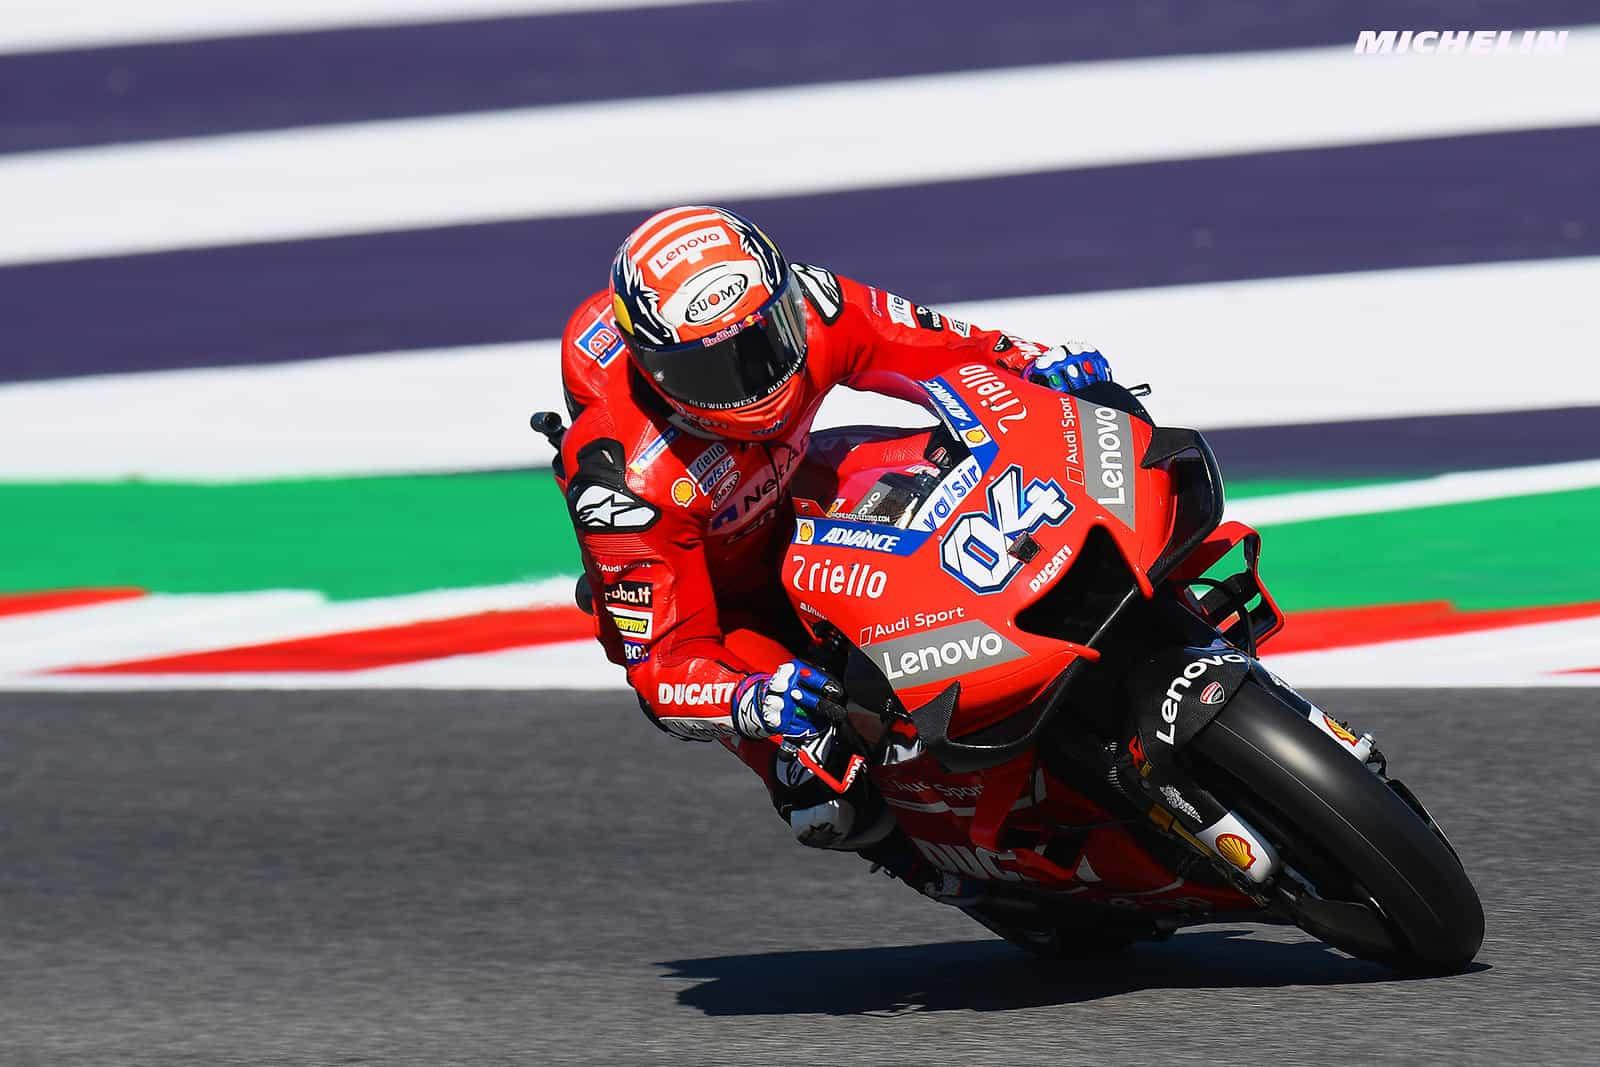 MotoGP2019タイGP ドヴィツィオーゾ「改善しようとしているが、現時点でタイトル争いは不可能」